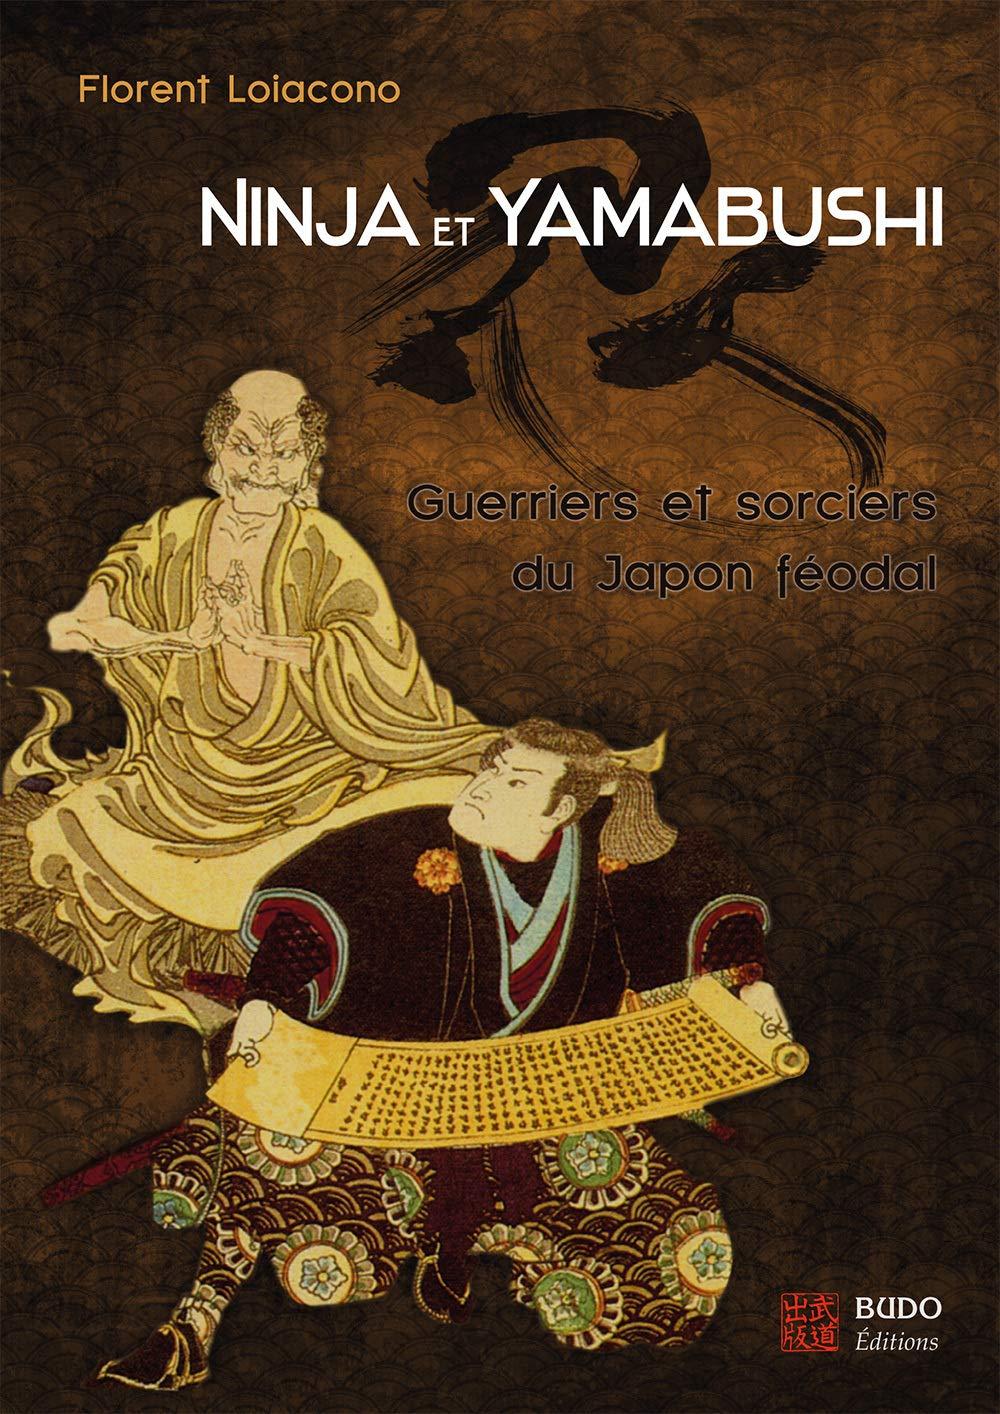 Ninja et Yamabushi : Guerriers et sorciers du Japon féodal ...